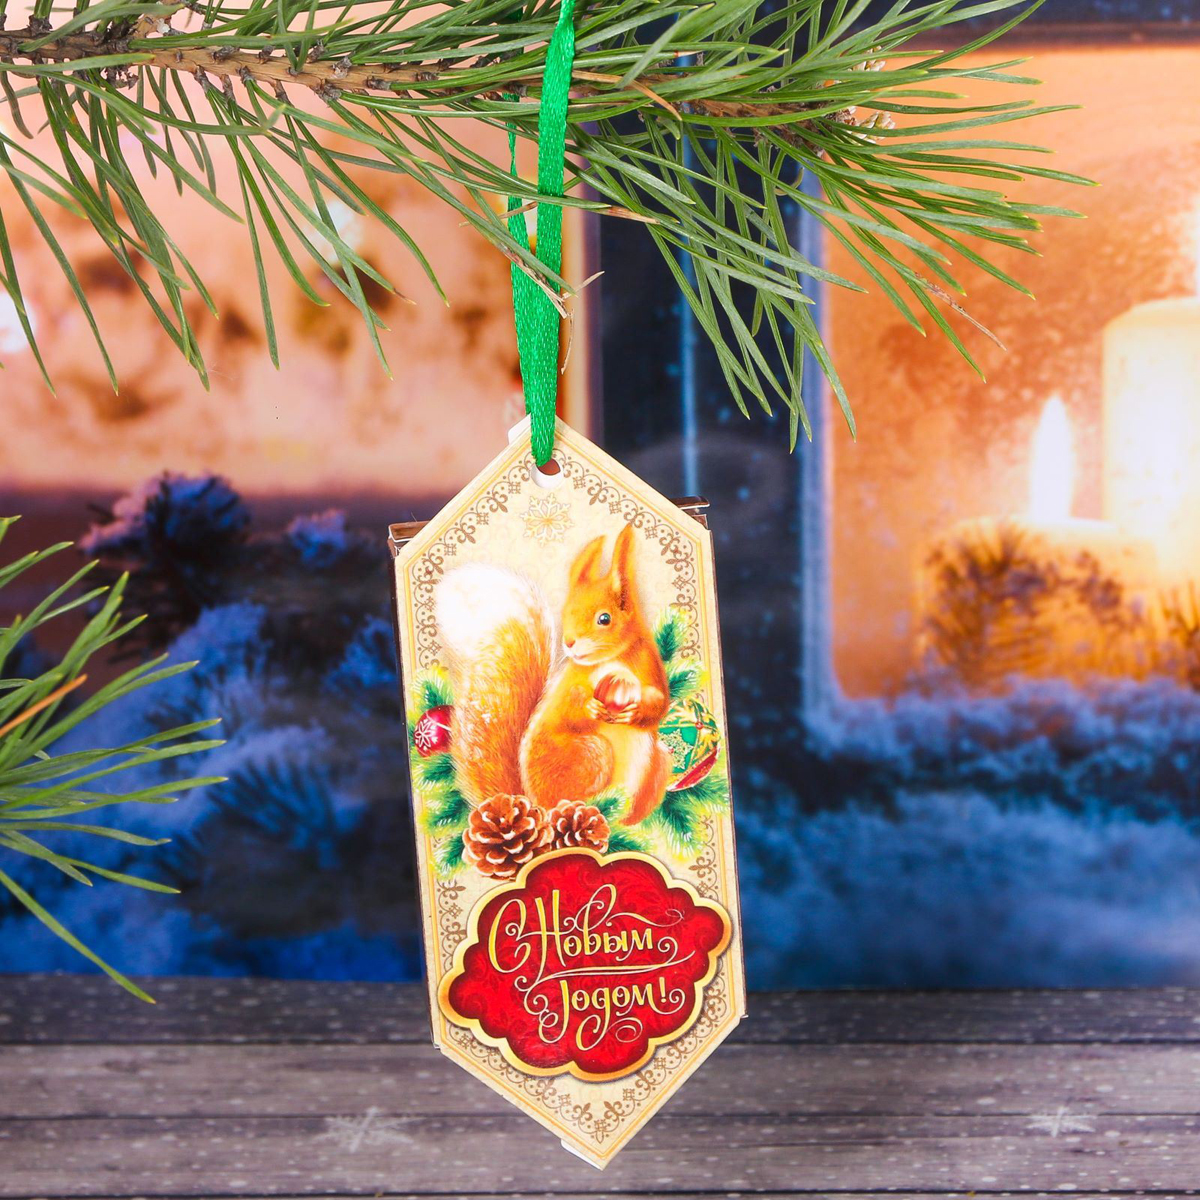 Украшение новогоднее подвесное Sima-land С Новым годом. Белочка, 14 см х 13 см, 6 шт2196285Новогодние украшения Sima-land изготовлены из пластика. Изделия имеют плотный корпус, поэтому не разобьются при падении.Невозможно представить нашу жизнь без праздников! Новогодние украшения несут в себе волшебство и красоту праздника. Создайте в своем доме атмосферу тепла, веселья и радости, украшая его всей семьей.